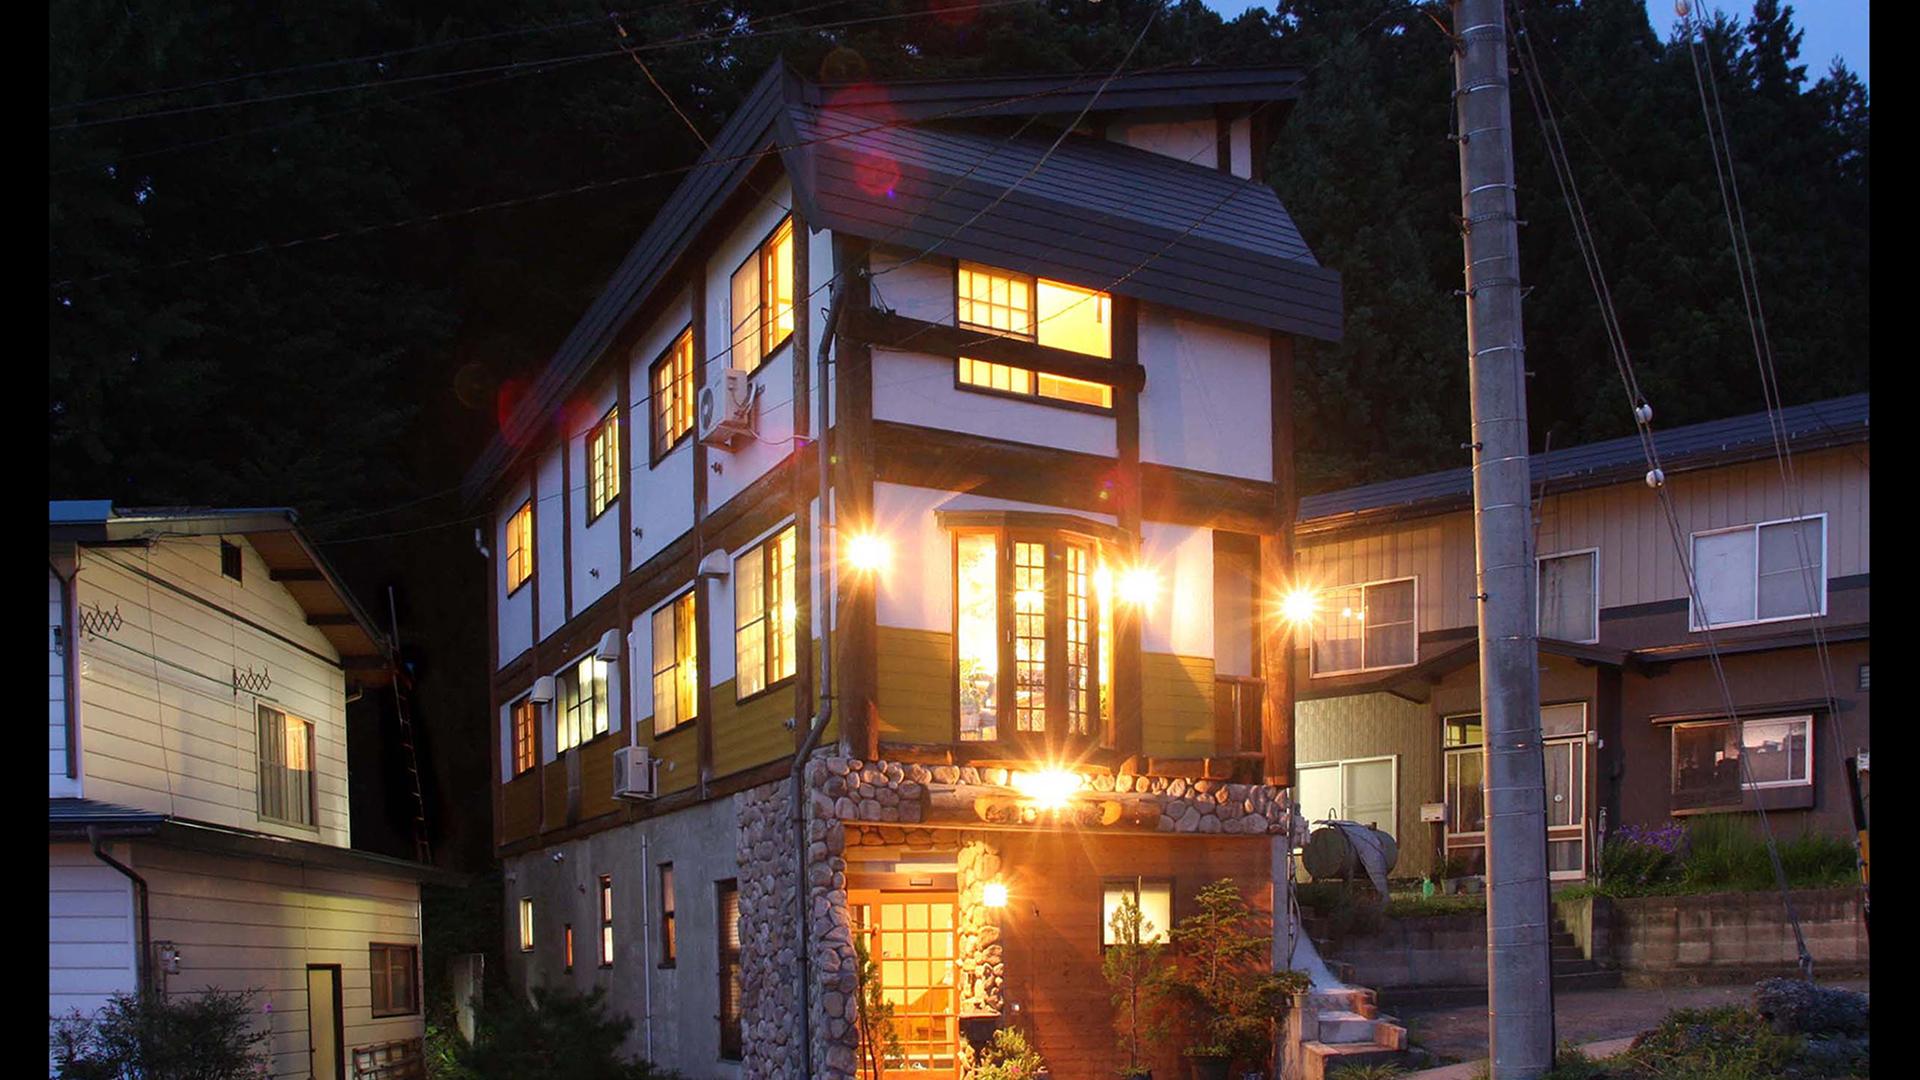 バスツアーで野沢温泉にスキー旅行!郷土料理が食べられてスキー場から近い温泉宿を教えて。